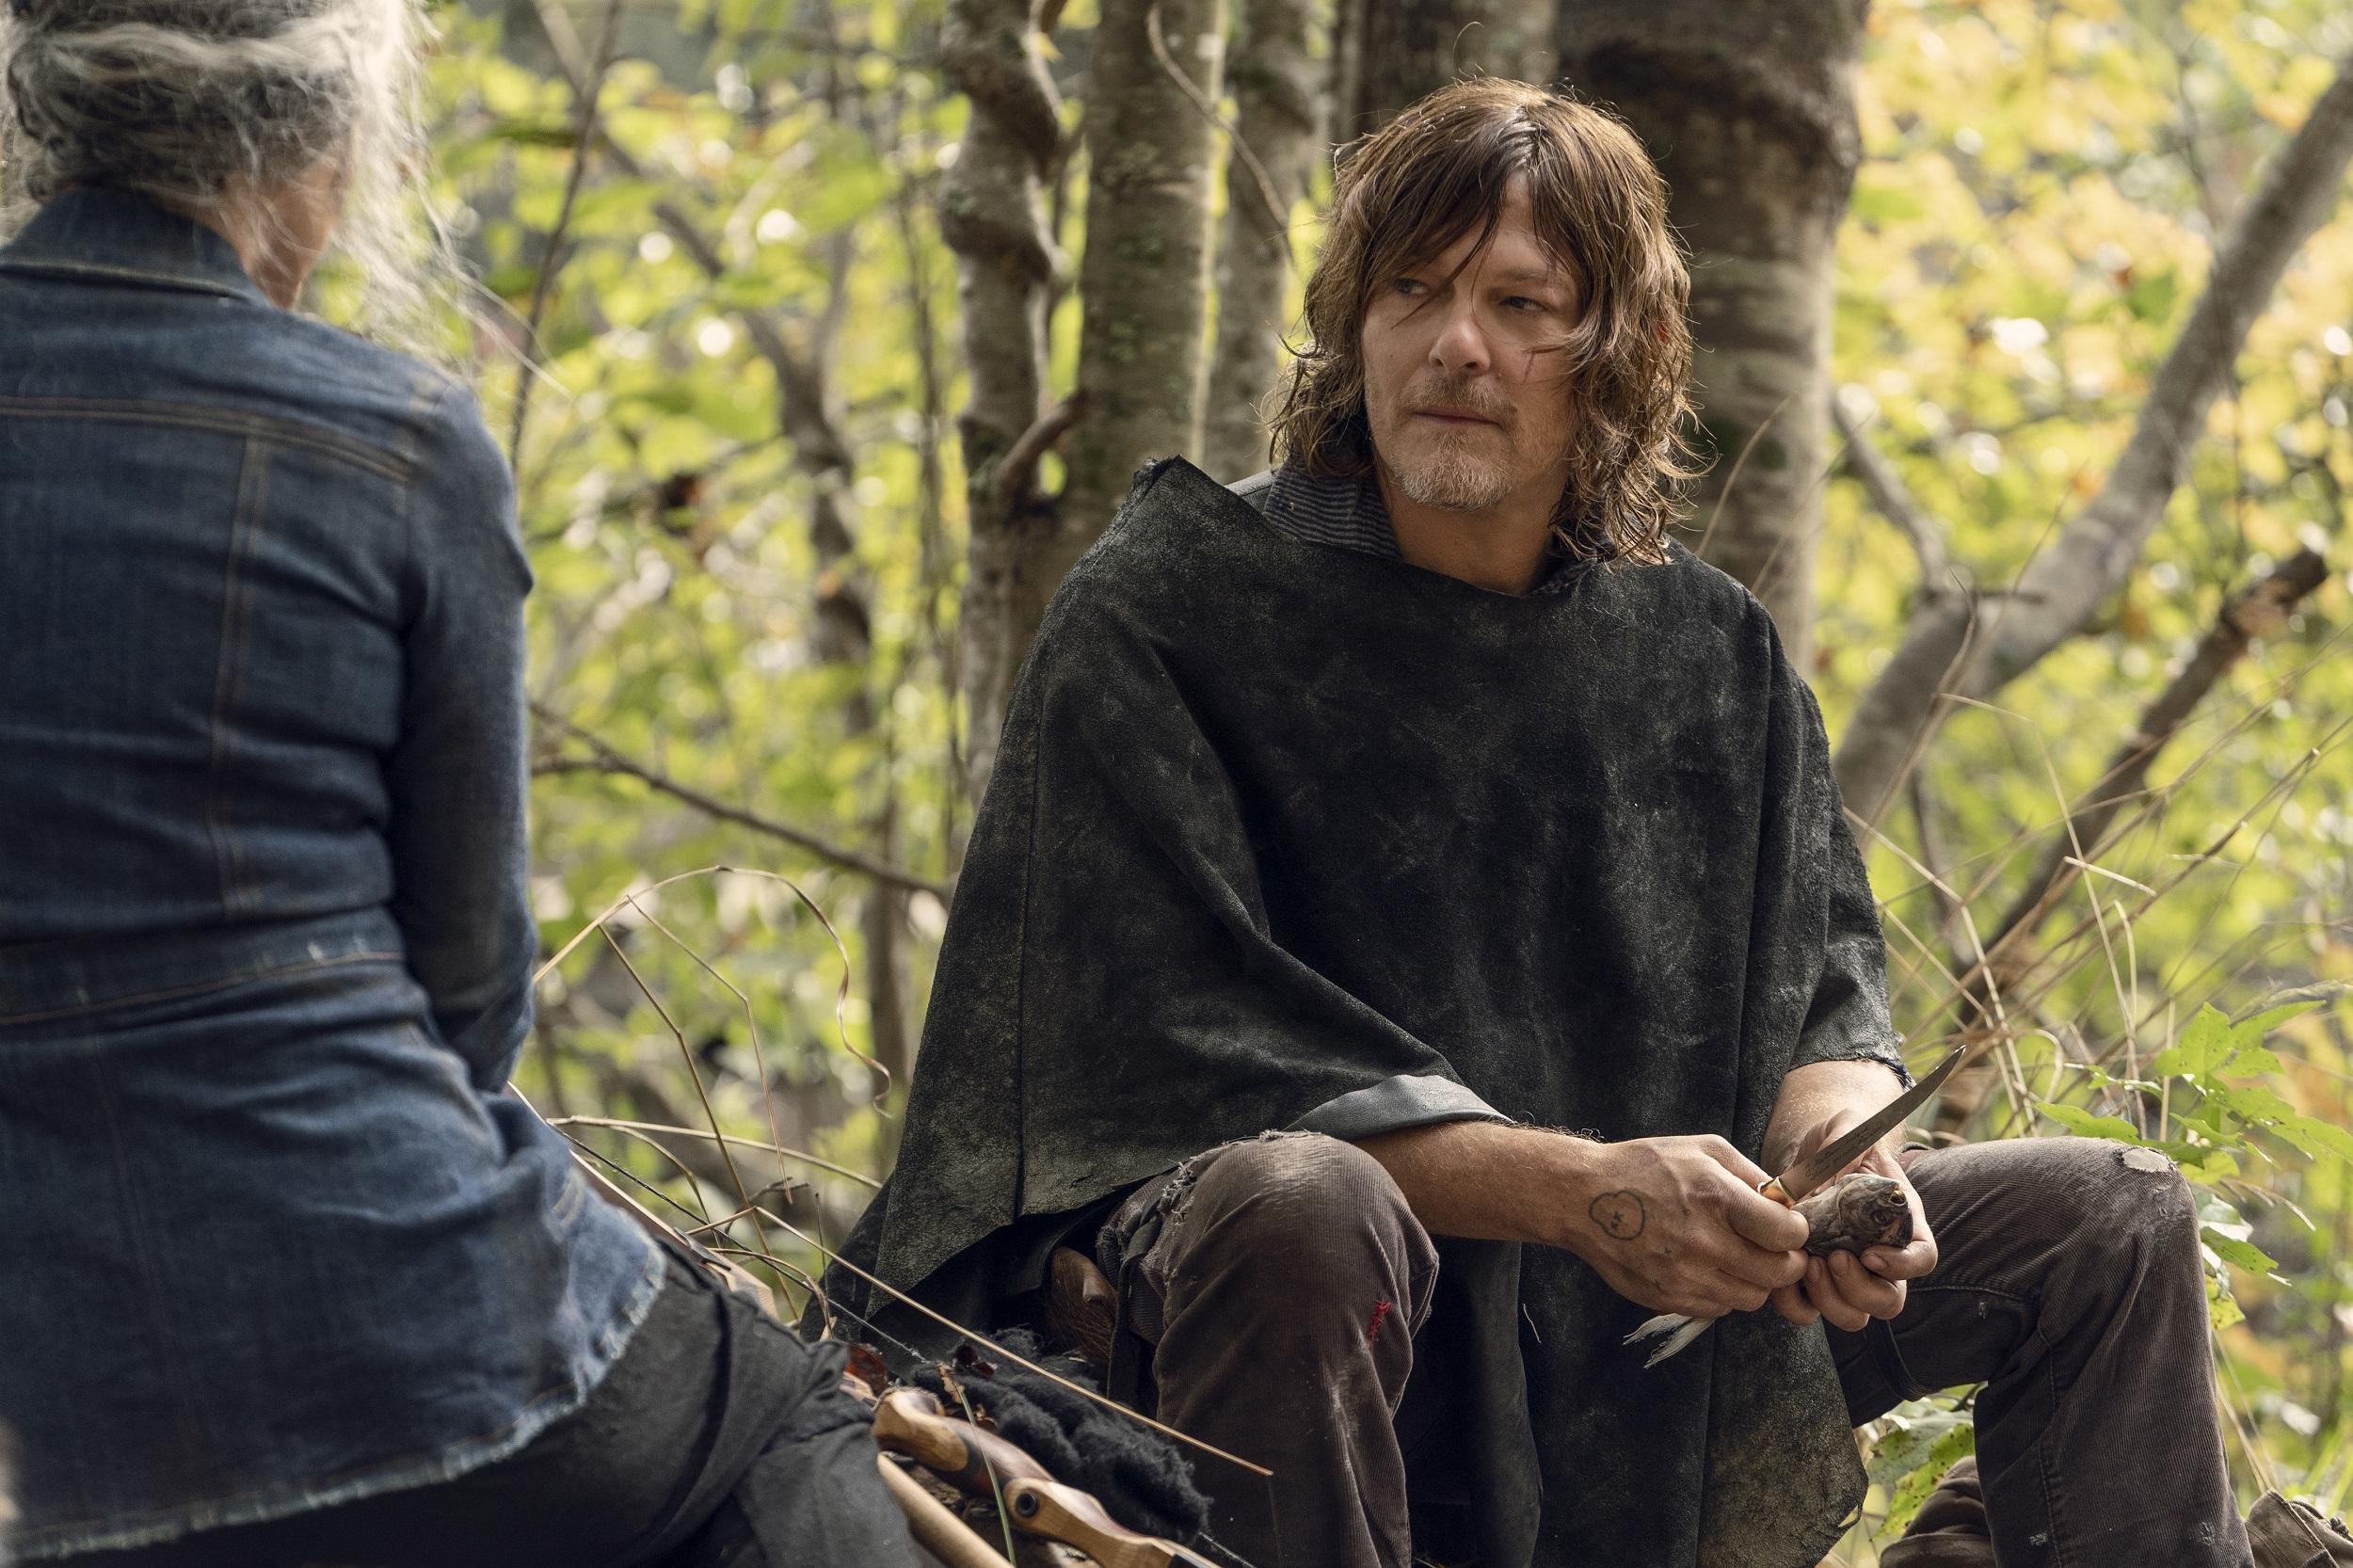 The Walking Dead' Season 10 Episode 18 Spoilers: Meet Daryl's Friend Leah